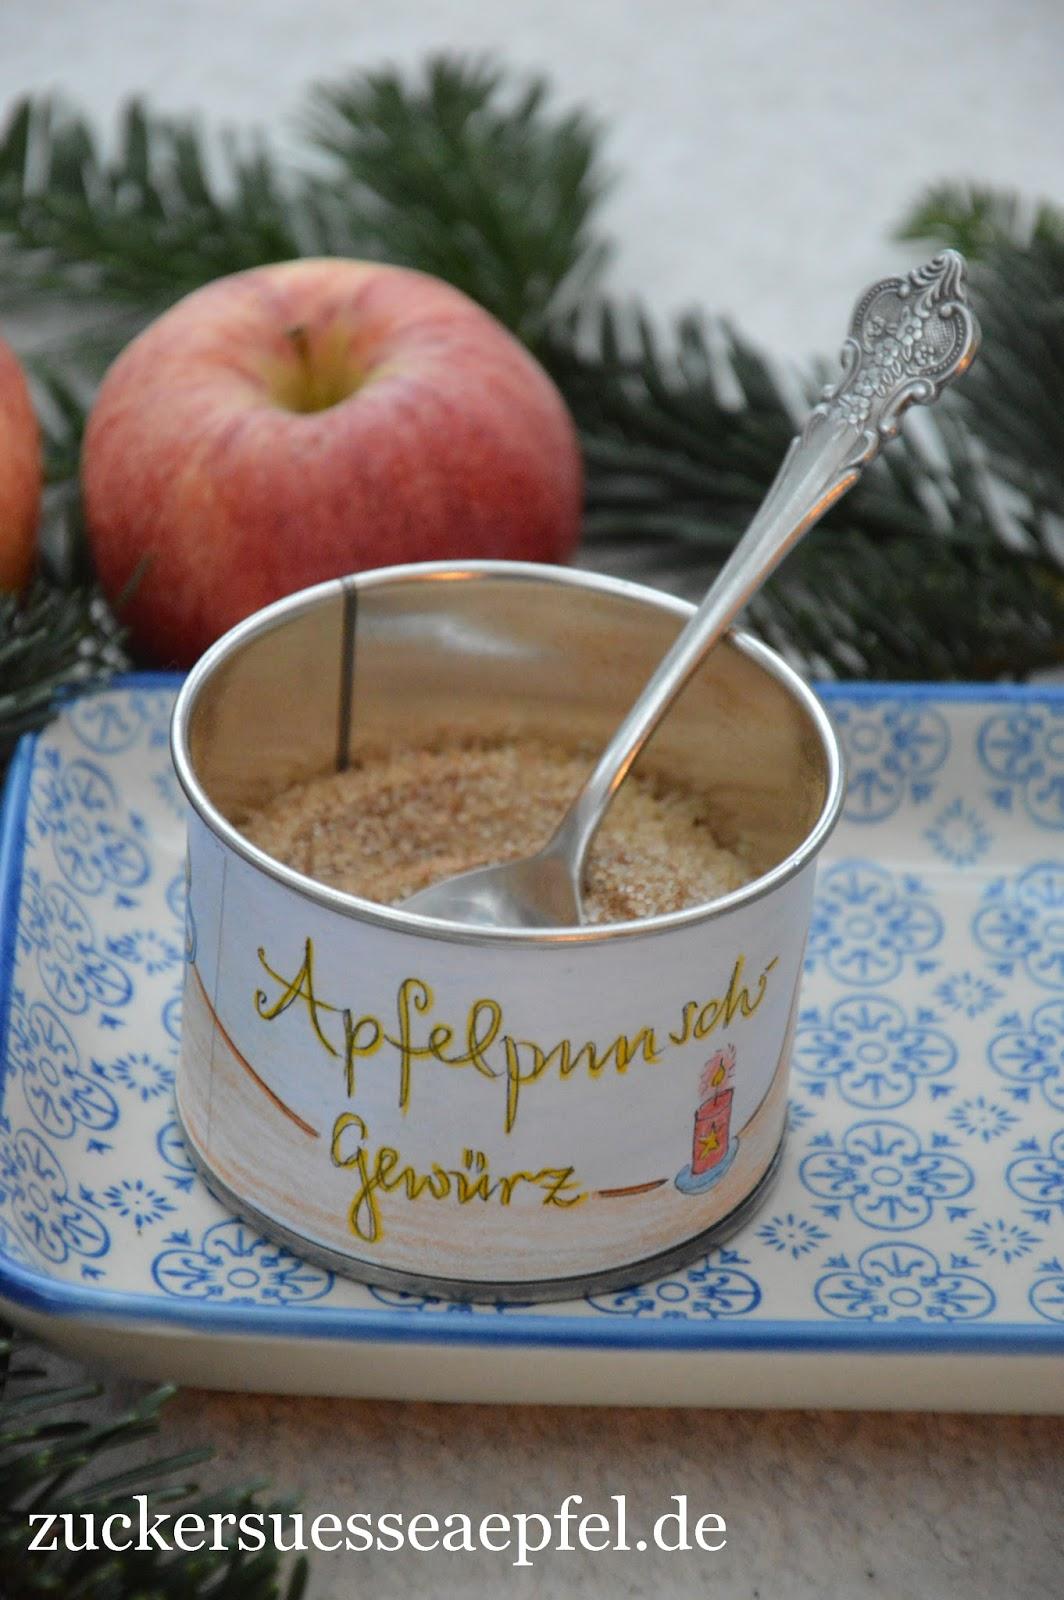 Ein Apfelpunsch Gewürz Als Geschenk Aus Der Küche Zuckersüße